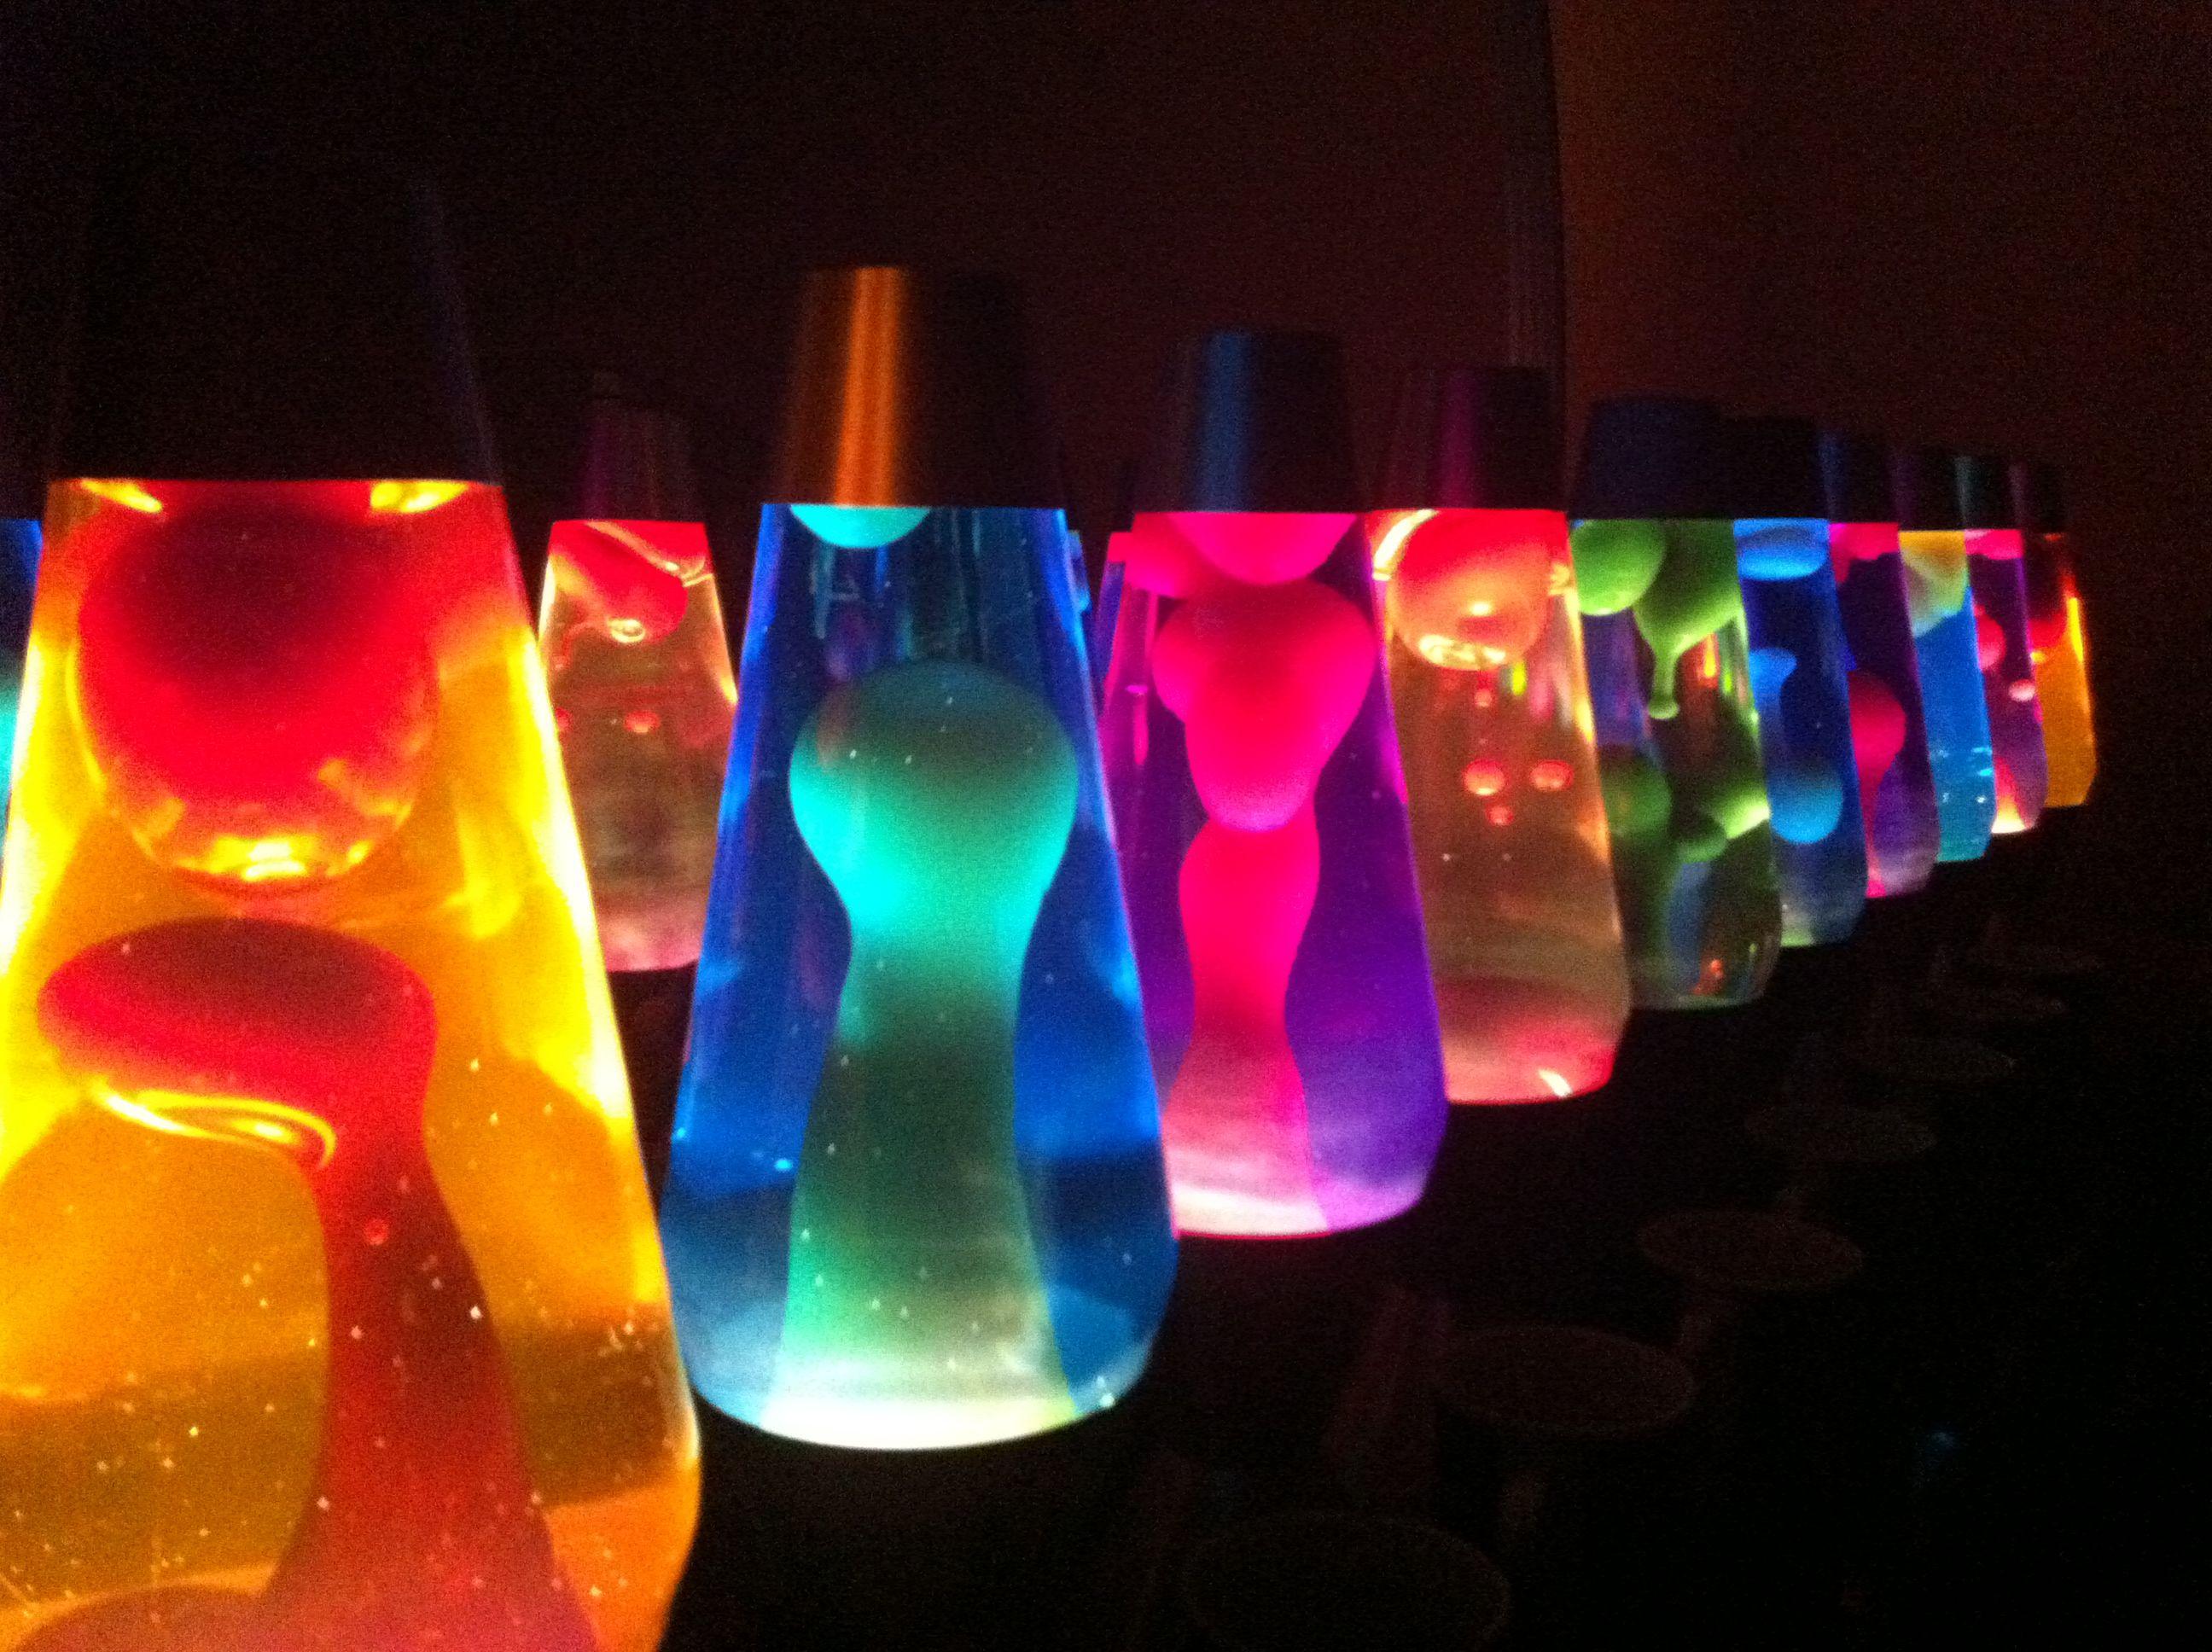 Unique Lava Lamps Amusing Different Colored Lava Lamps  Lava Lamps  Pinterest  Lava Lamp Inspiration